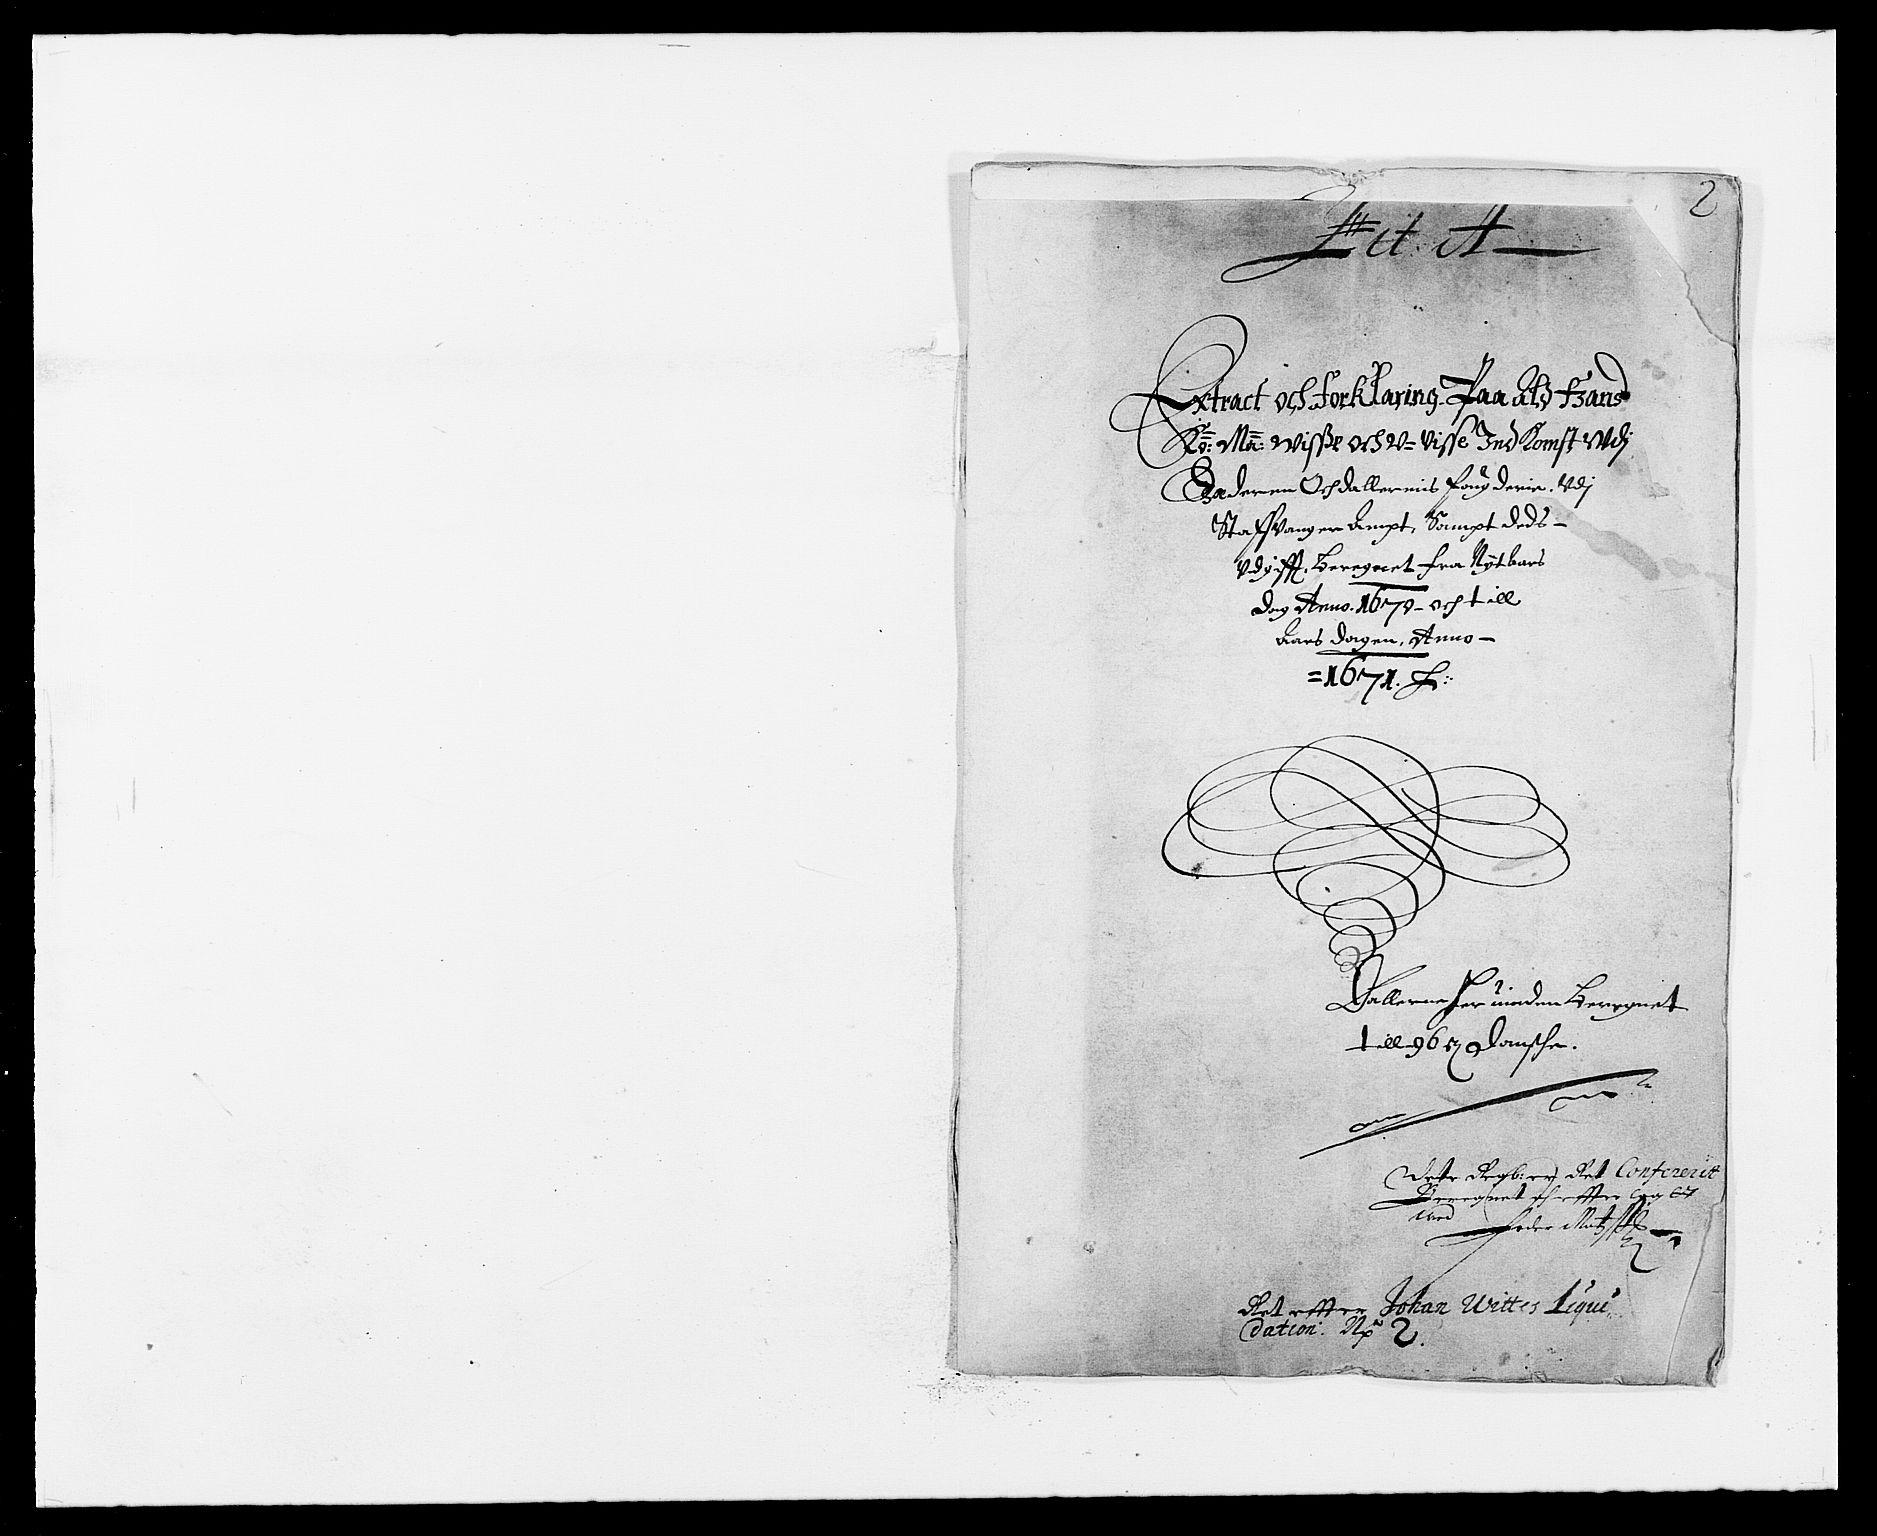 RA, Rentekammeret inntil 1814, Reviderte regnskaper, Fogderegnskap, R46/L2712: Fogderegnskap Jæren og Dalane, 1670-1671, s. 1